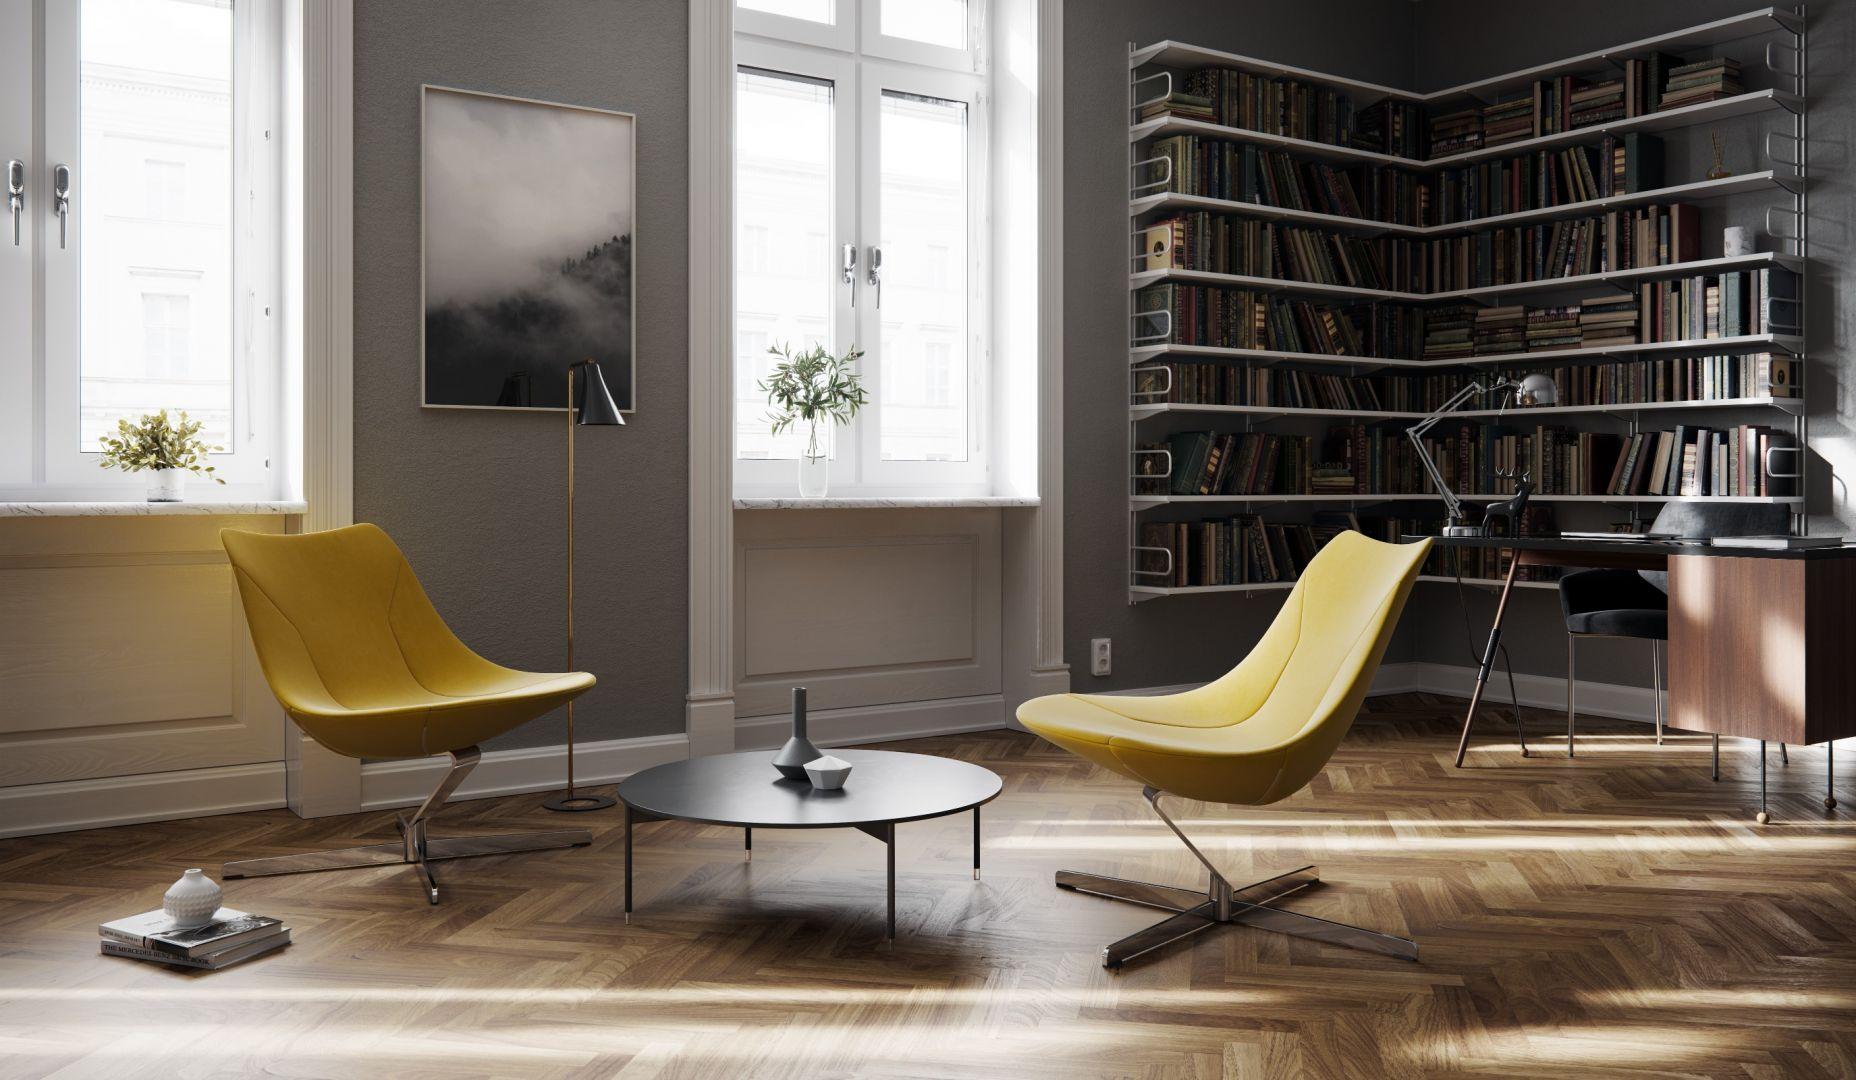 Fotele z kolekcji Chic Lounge firmy Profim. Projekt: Christophe Pillet. Fot. Profim